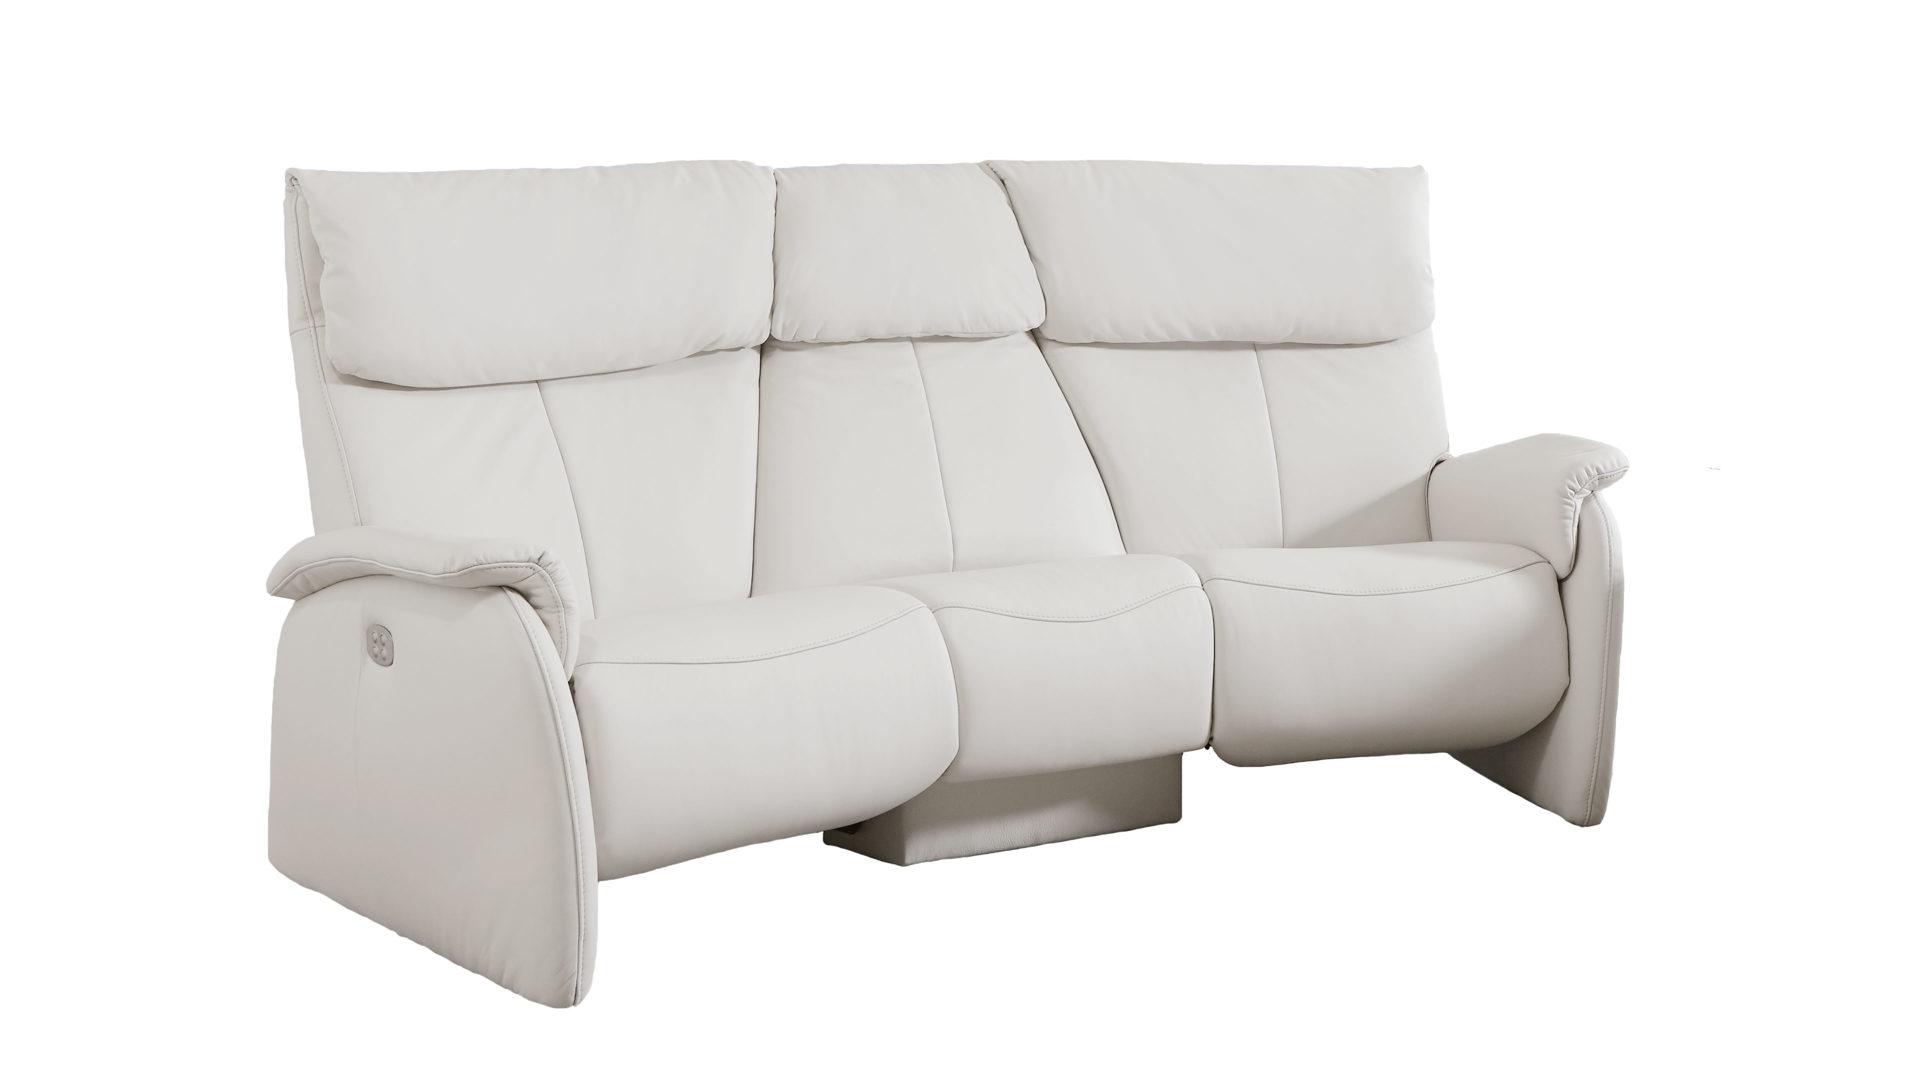 Himolla Comfortmaster Interliving Zweisitzer Relaxsessel